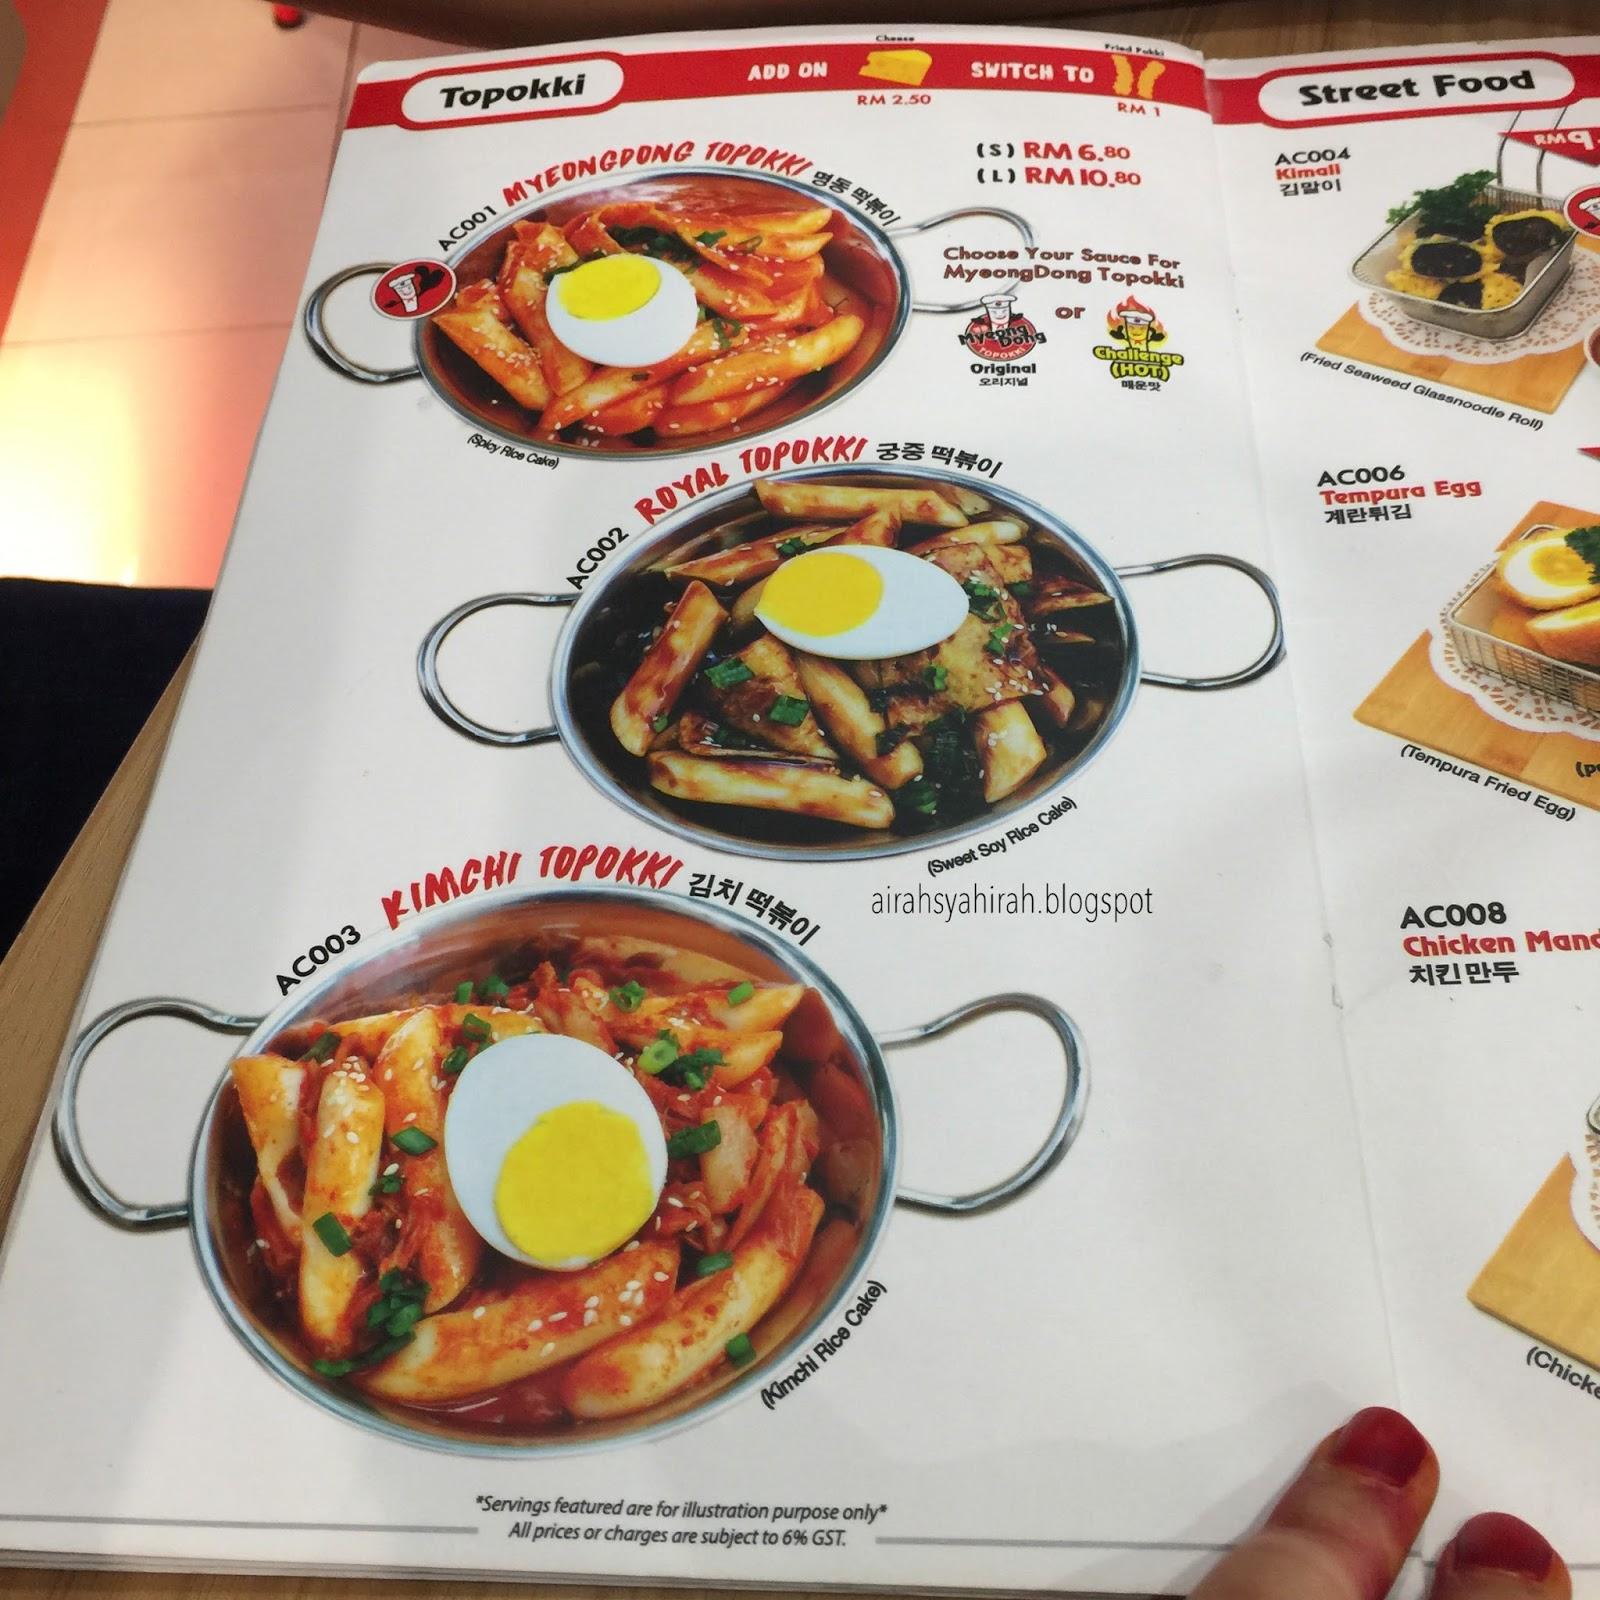 Myeongdong Topokki Makanan Korea Airah Syahirah